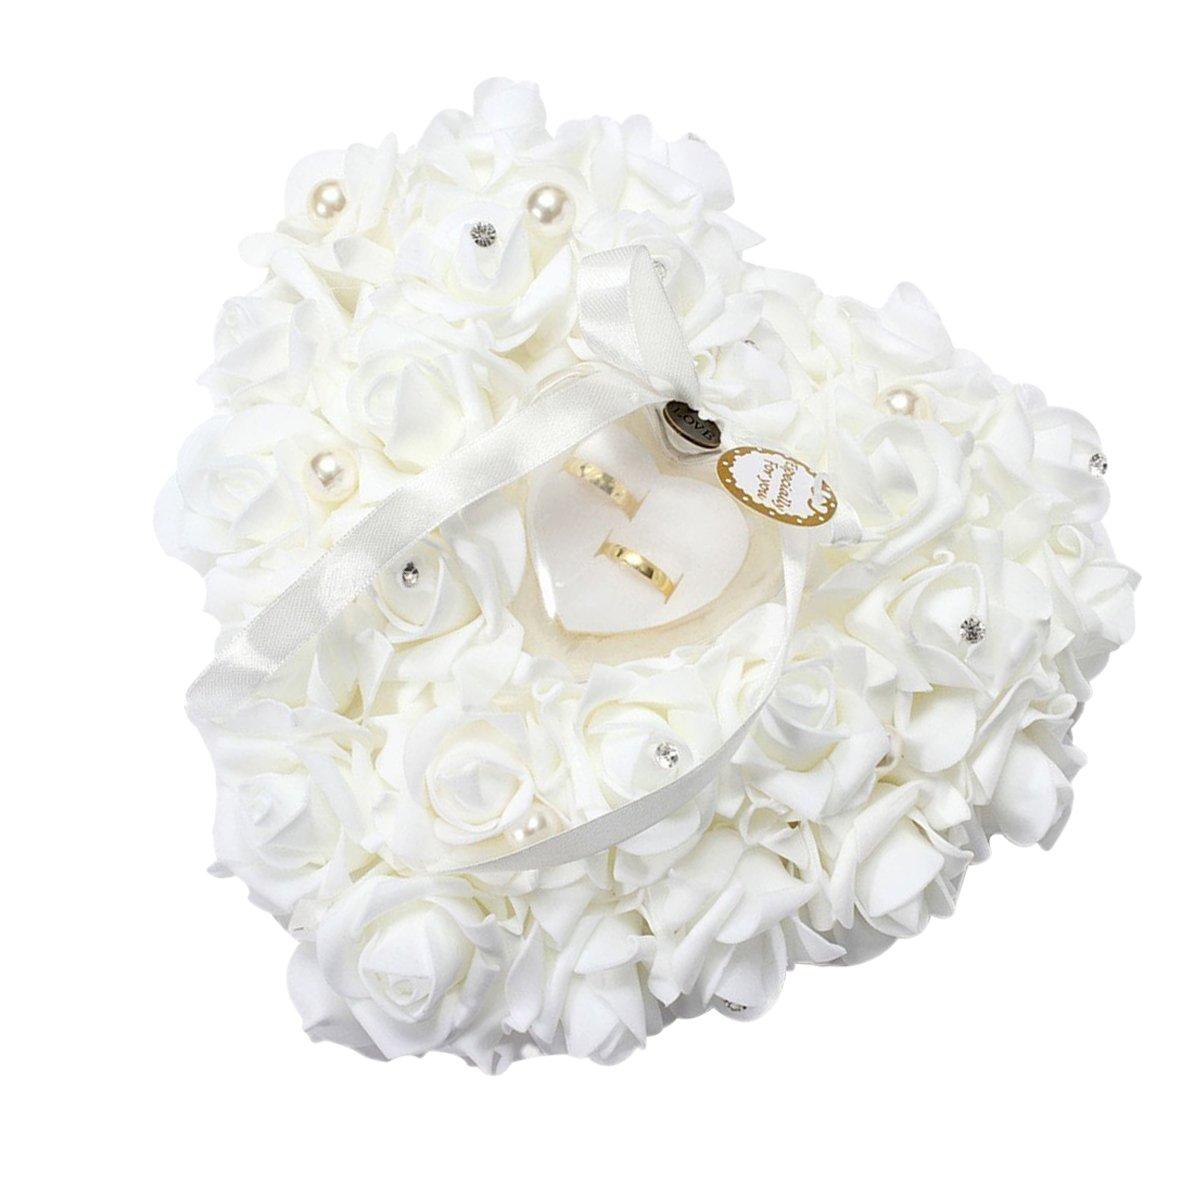 Yosoo 15x13cm Blanc romantique Wedding Rose Anneau Box Rose Coeur Favors Wedding Ring oreiller avec bijoux élégants cas Accessoires de mariage en satin Flora Yosoo-33-2